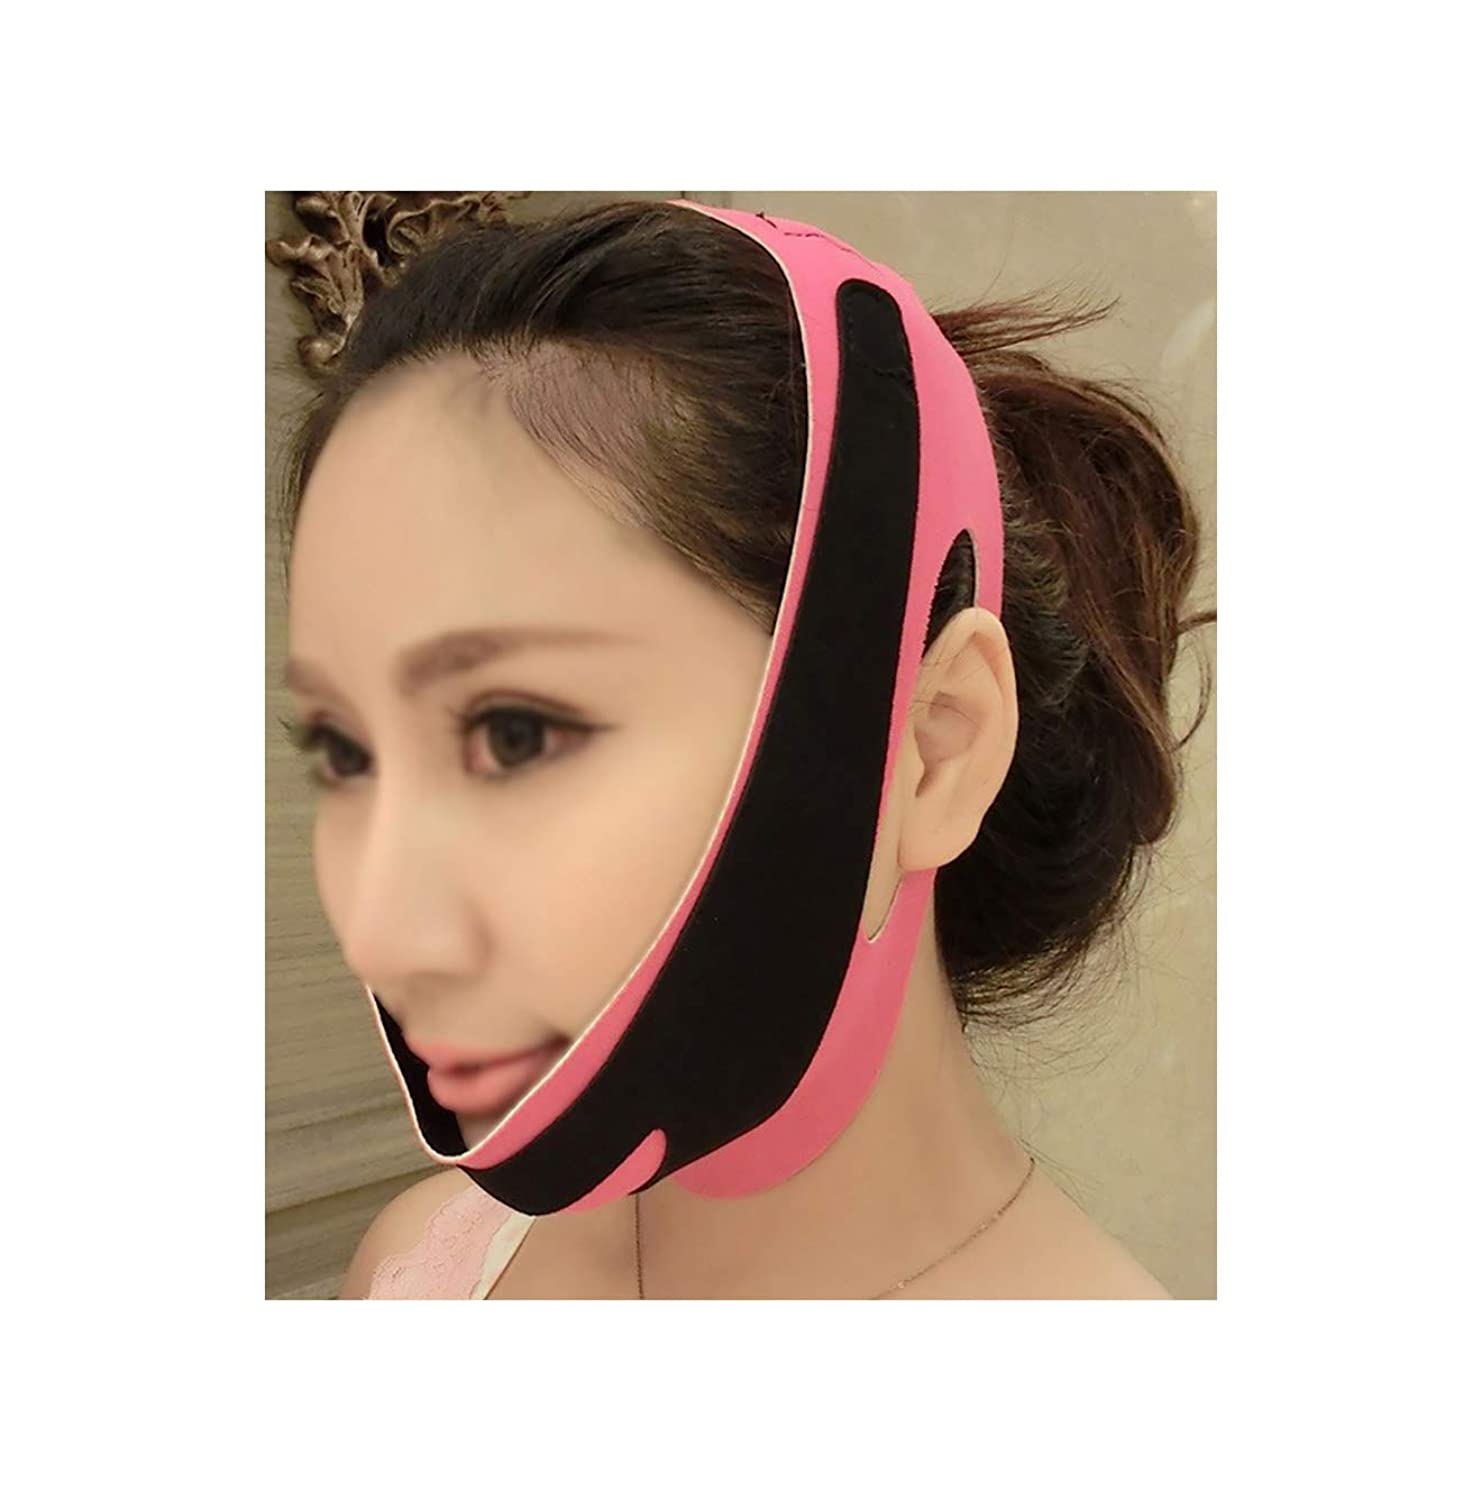 痛みパイプ洞察力のあるTLMY 二重あごを取り除くために顔を持ち上げる包帯顔スリムVラインの顔の形のあごの頬を持ち上げる抗しわリフトベルトフェイシャルマッサージツール女性と女の子3顔包帯 顔用整形マスク